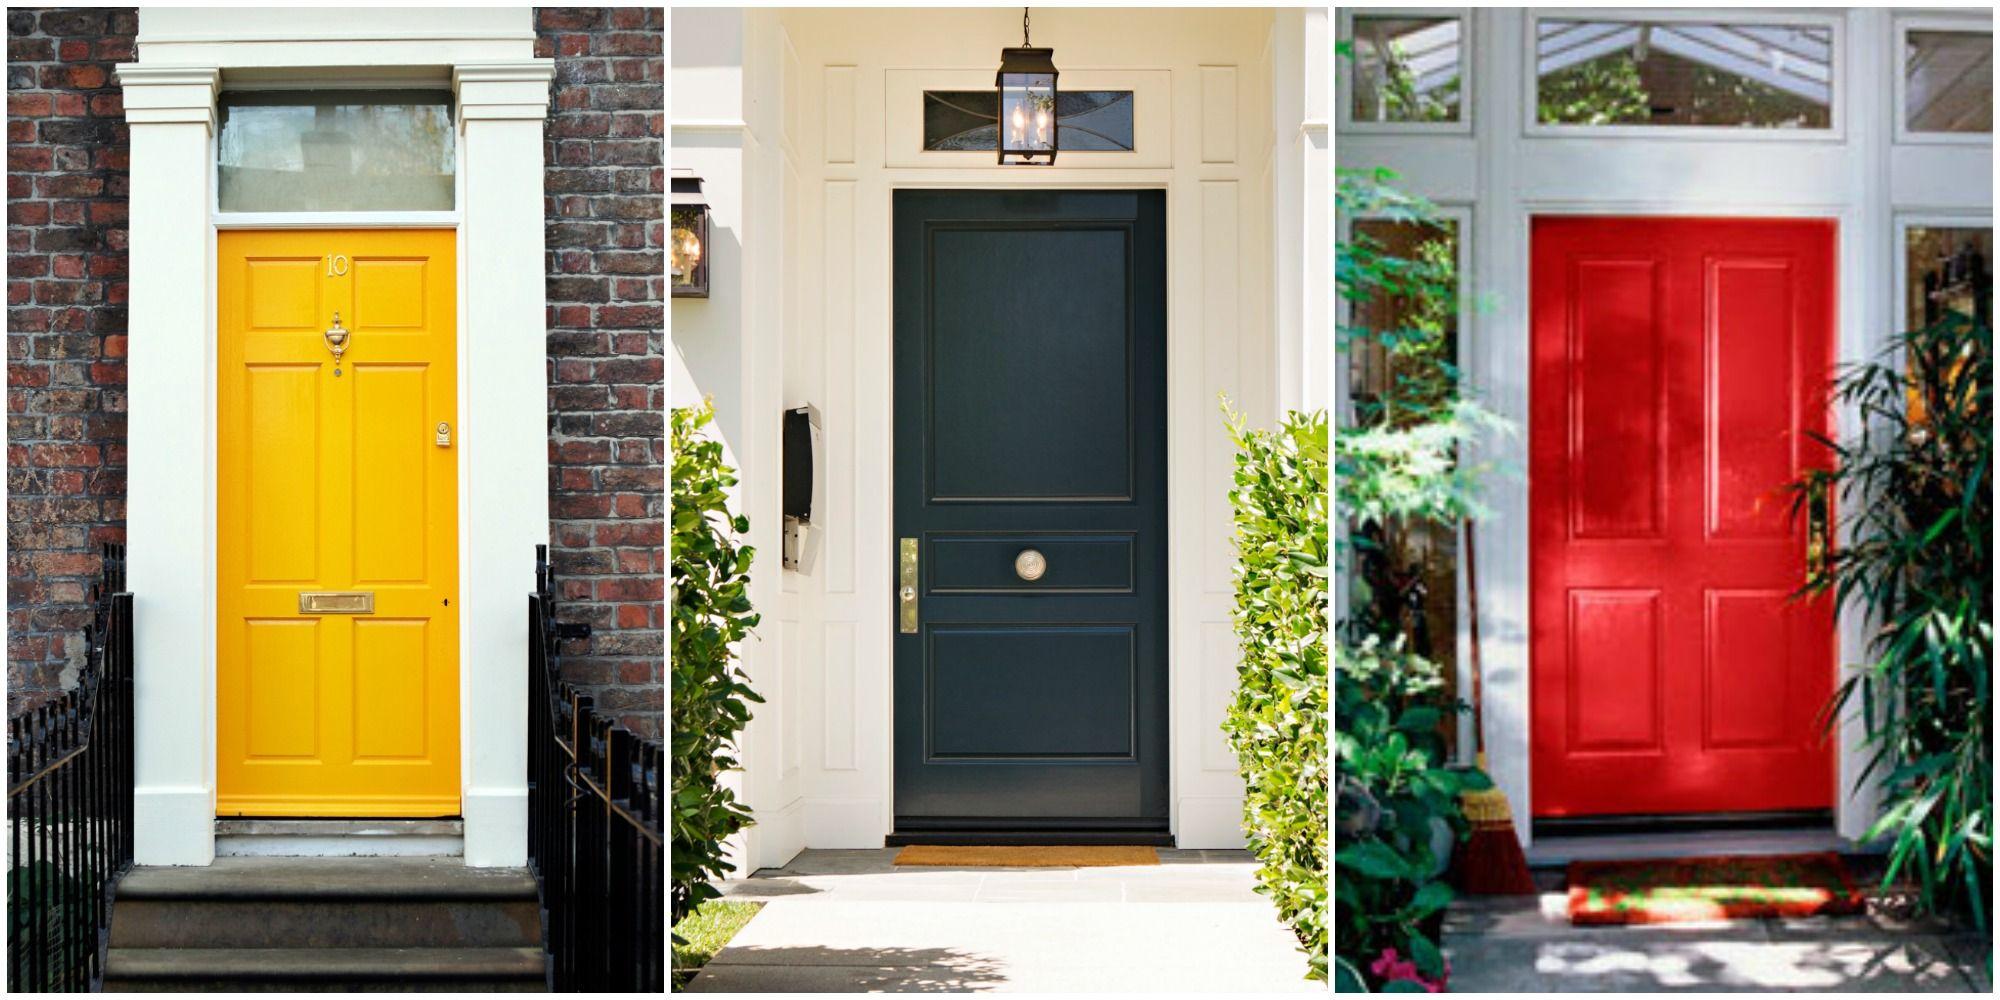 Best Front Door Paint Colors Paint Ideas For Front Doors - Green front door